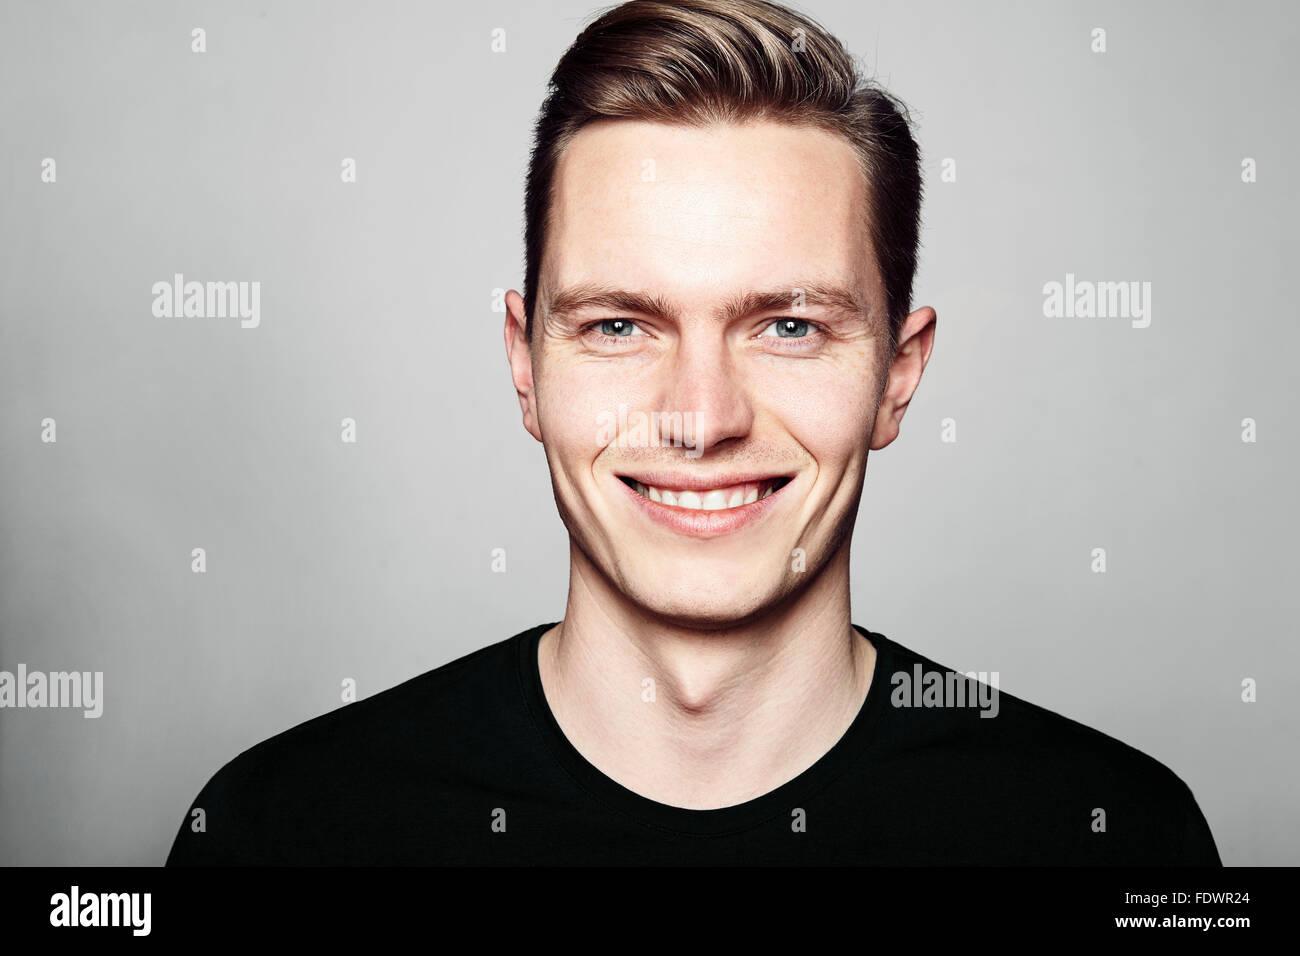 Portrait de jeune homme en souriant à la caméra. Isolé sur fond blanc. Format horizontal, il est Photo Stock